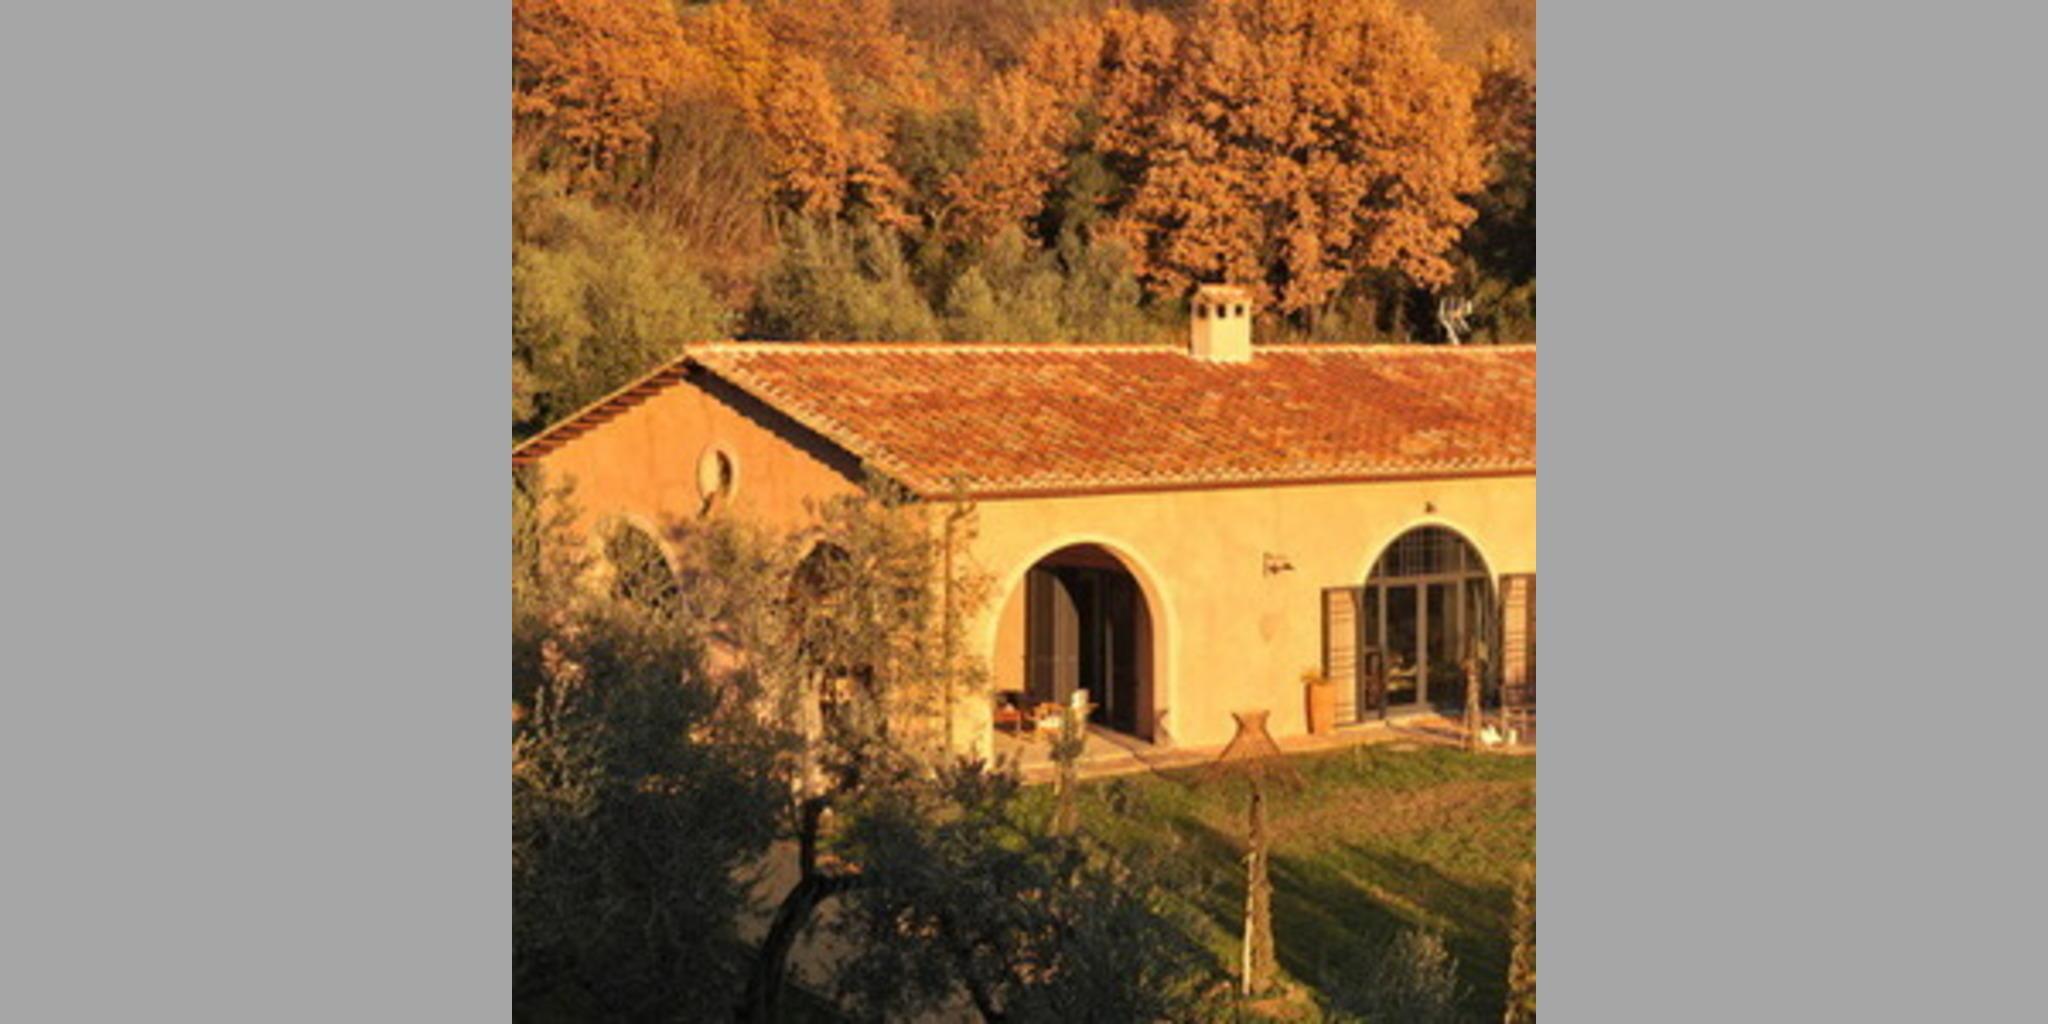 Bed & Breakfast Castelnuovo Di Farfa - Castelnuovo Di Farfa